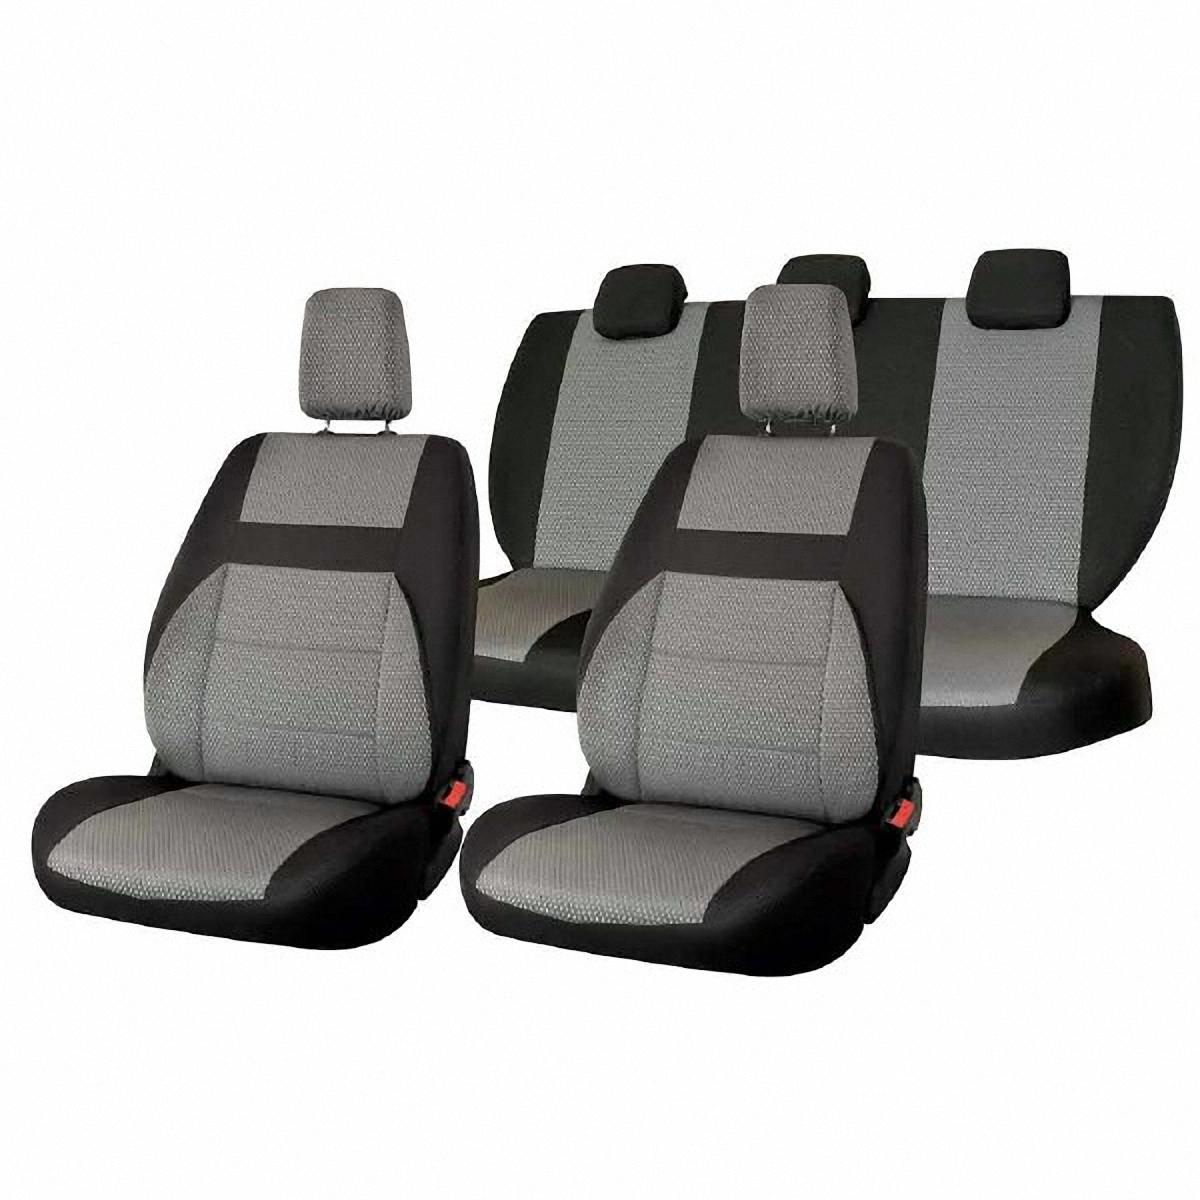 Чехлы автомобильные Skyway, для Lada Granta, цвет: светло-серыйVT-1520(SR)Автомобильные чехлы Skyway изготовлены из качественного жаккарда. Чехлы идеально повторяют штатную форму сидений и выглядят как оригинальная обивка сидений. Разработаны индивидуально для каждой модели автомобиля. Авточехлы Skyway просты в уходе - загрязнения легко удаляются влажной тканью. Чехлы имеют раздельную схему надевания. Заднее сиденье - сплошное.В комплекте 11 предметов.